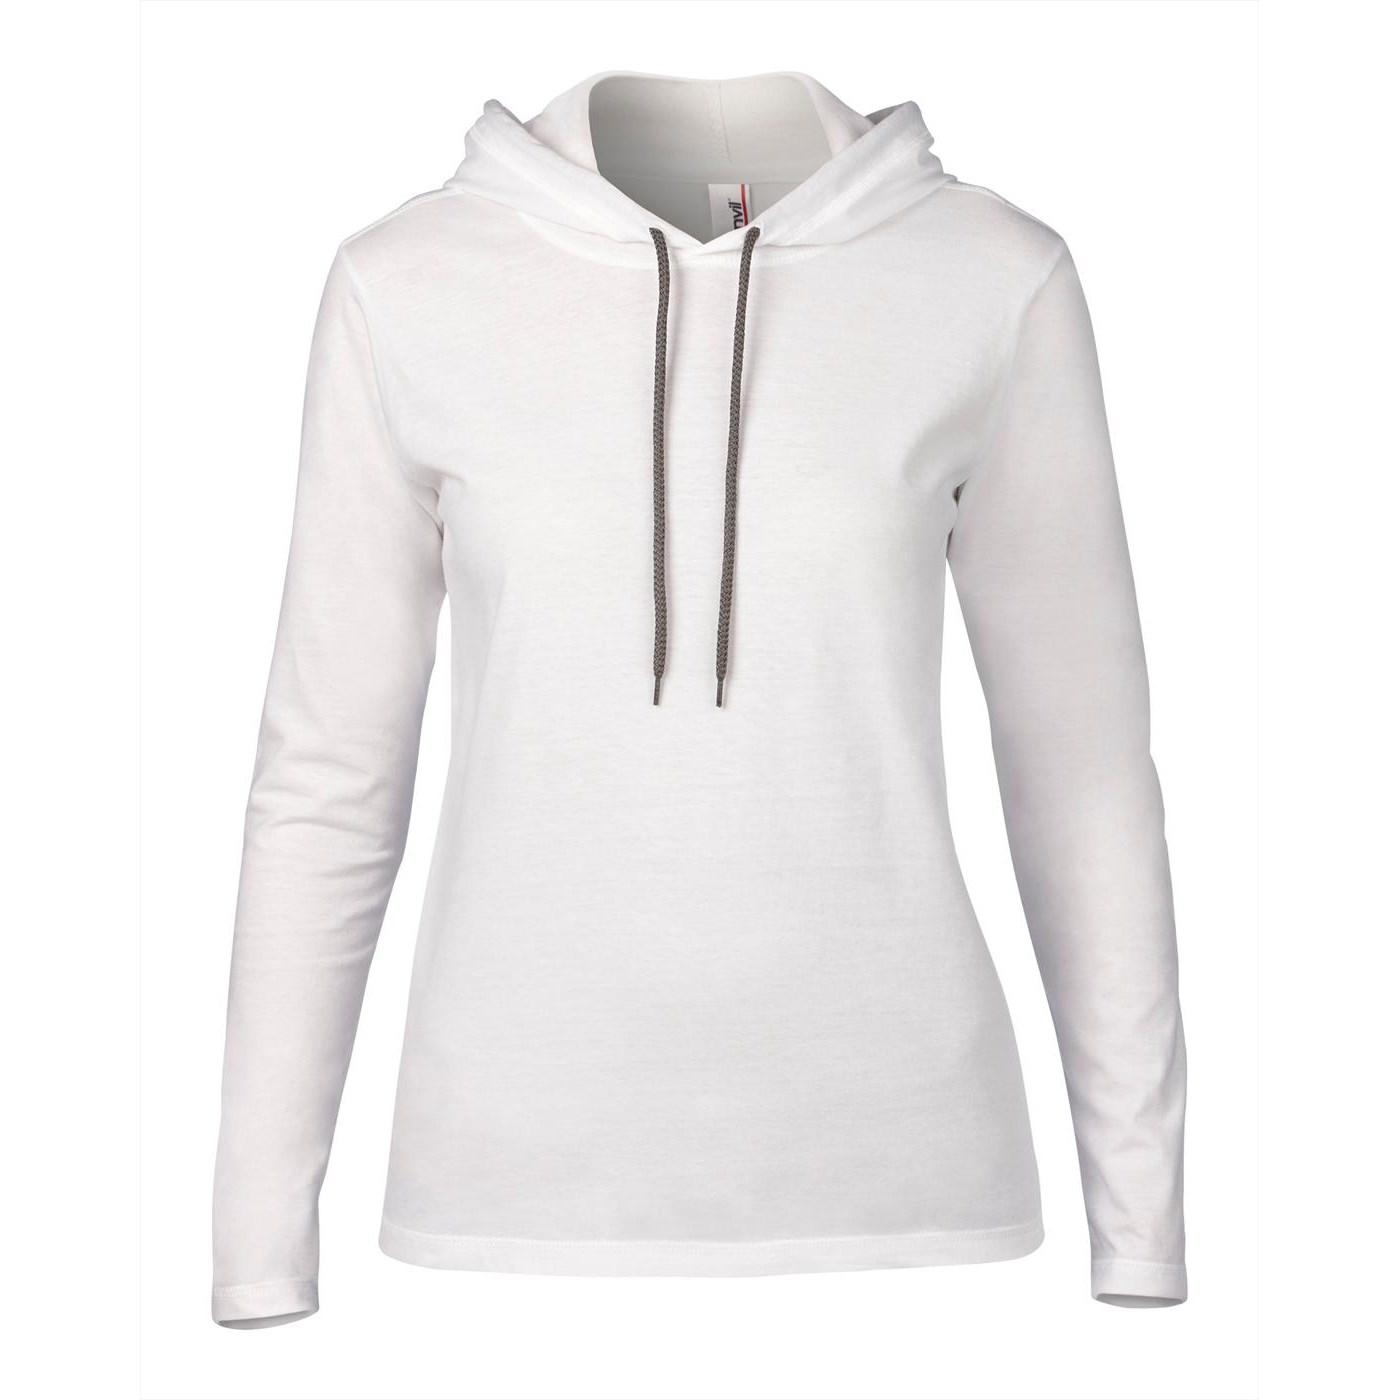 7fbb83db2182 Anvil women s fashion basic long sleeve hooded tee AV182